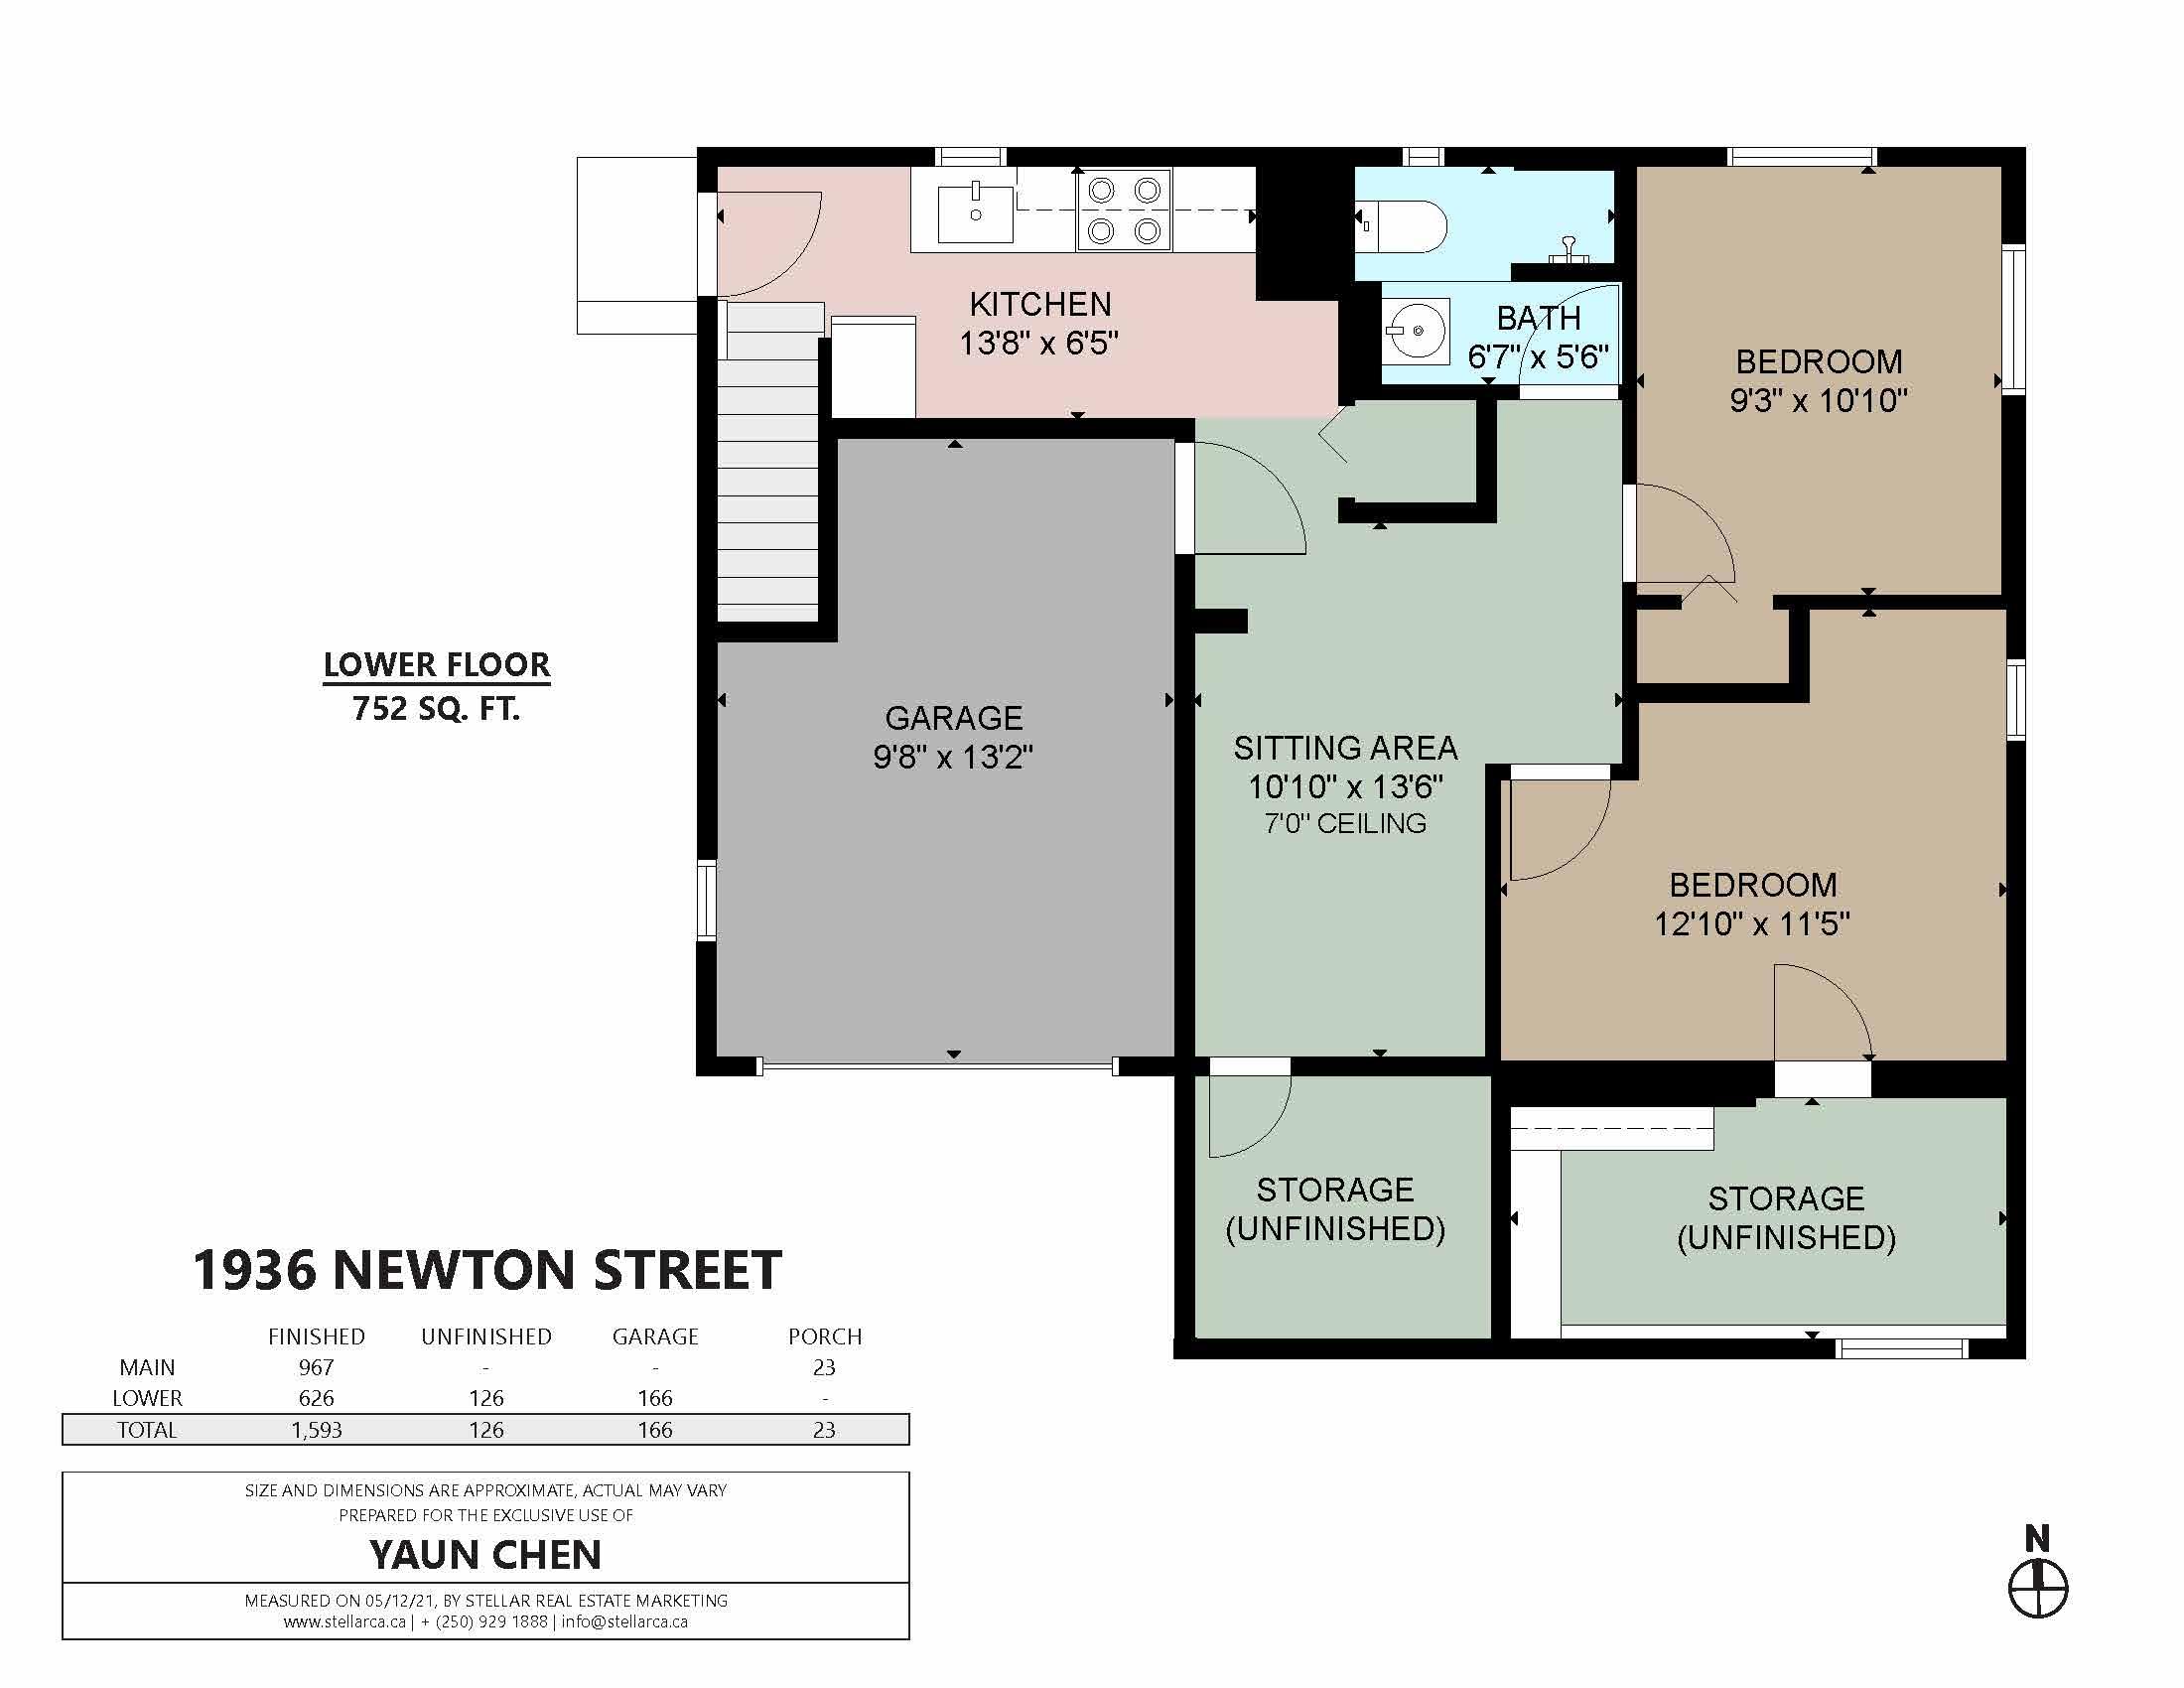 1936 Newton St